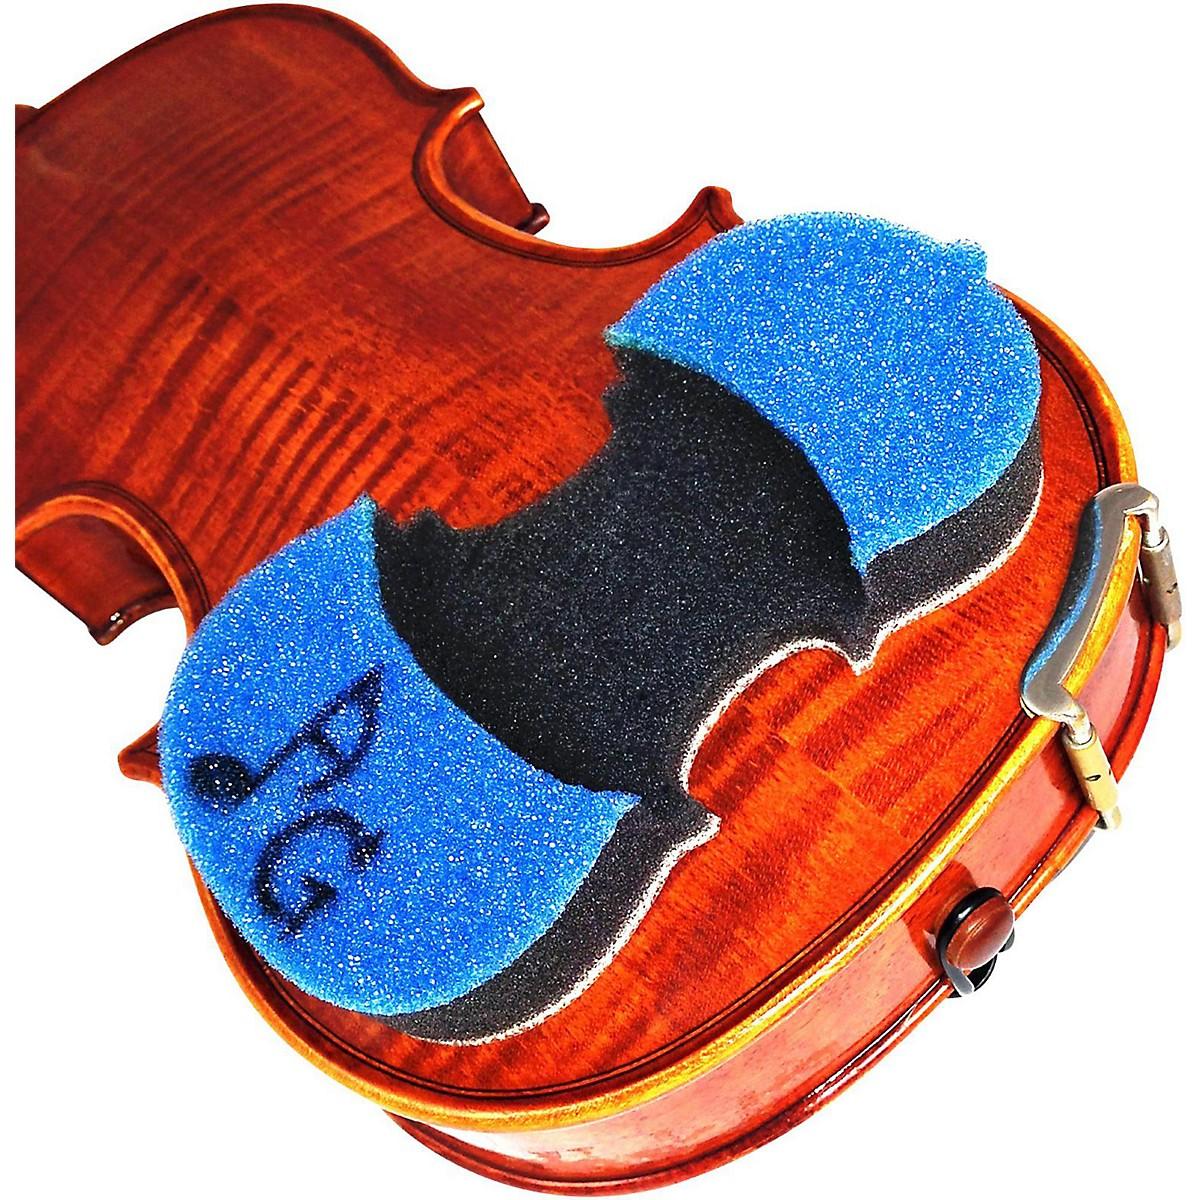 AcoustaGrip Prodigy Blue Violin and Viola Shoulder Rest